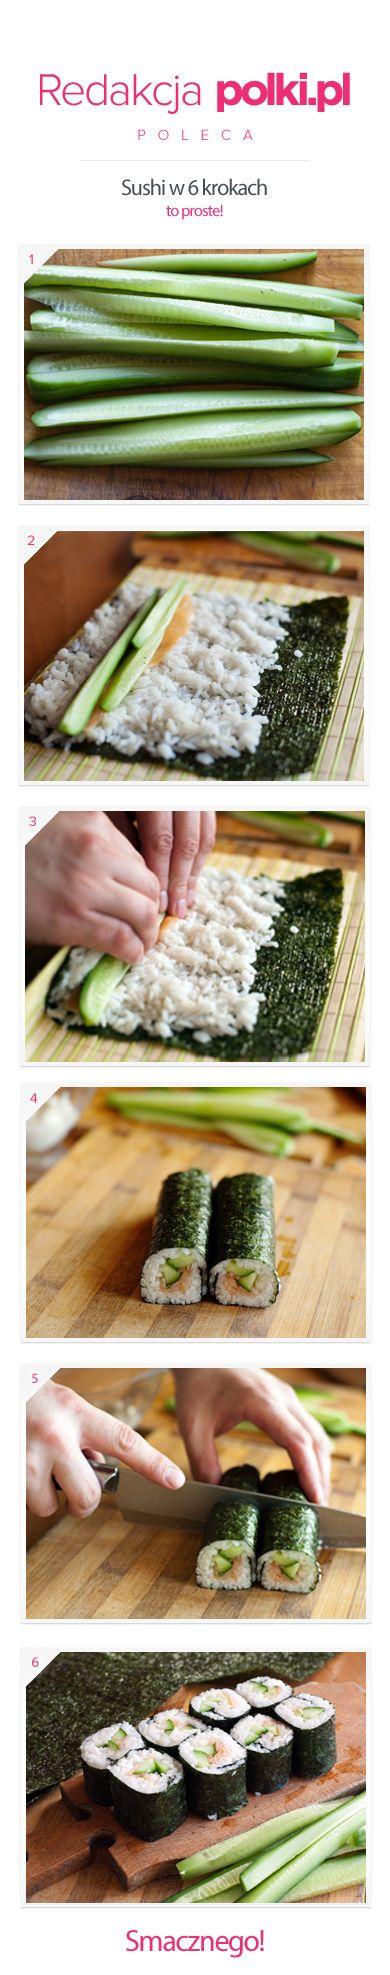 Sushi krok po kroku. Przepis znajdziecie na: http://polki.pl/kuchnia_przepisy_lista_przekaski_artykul,10017399.html